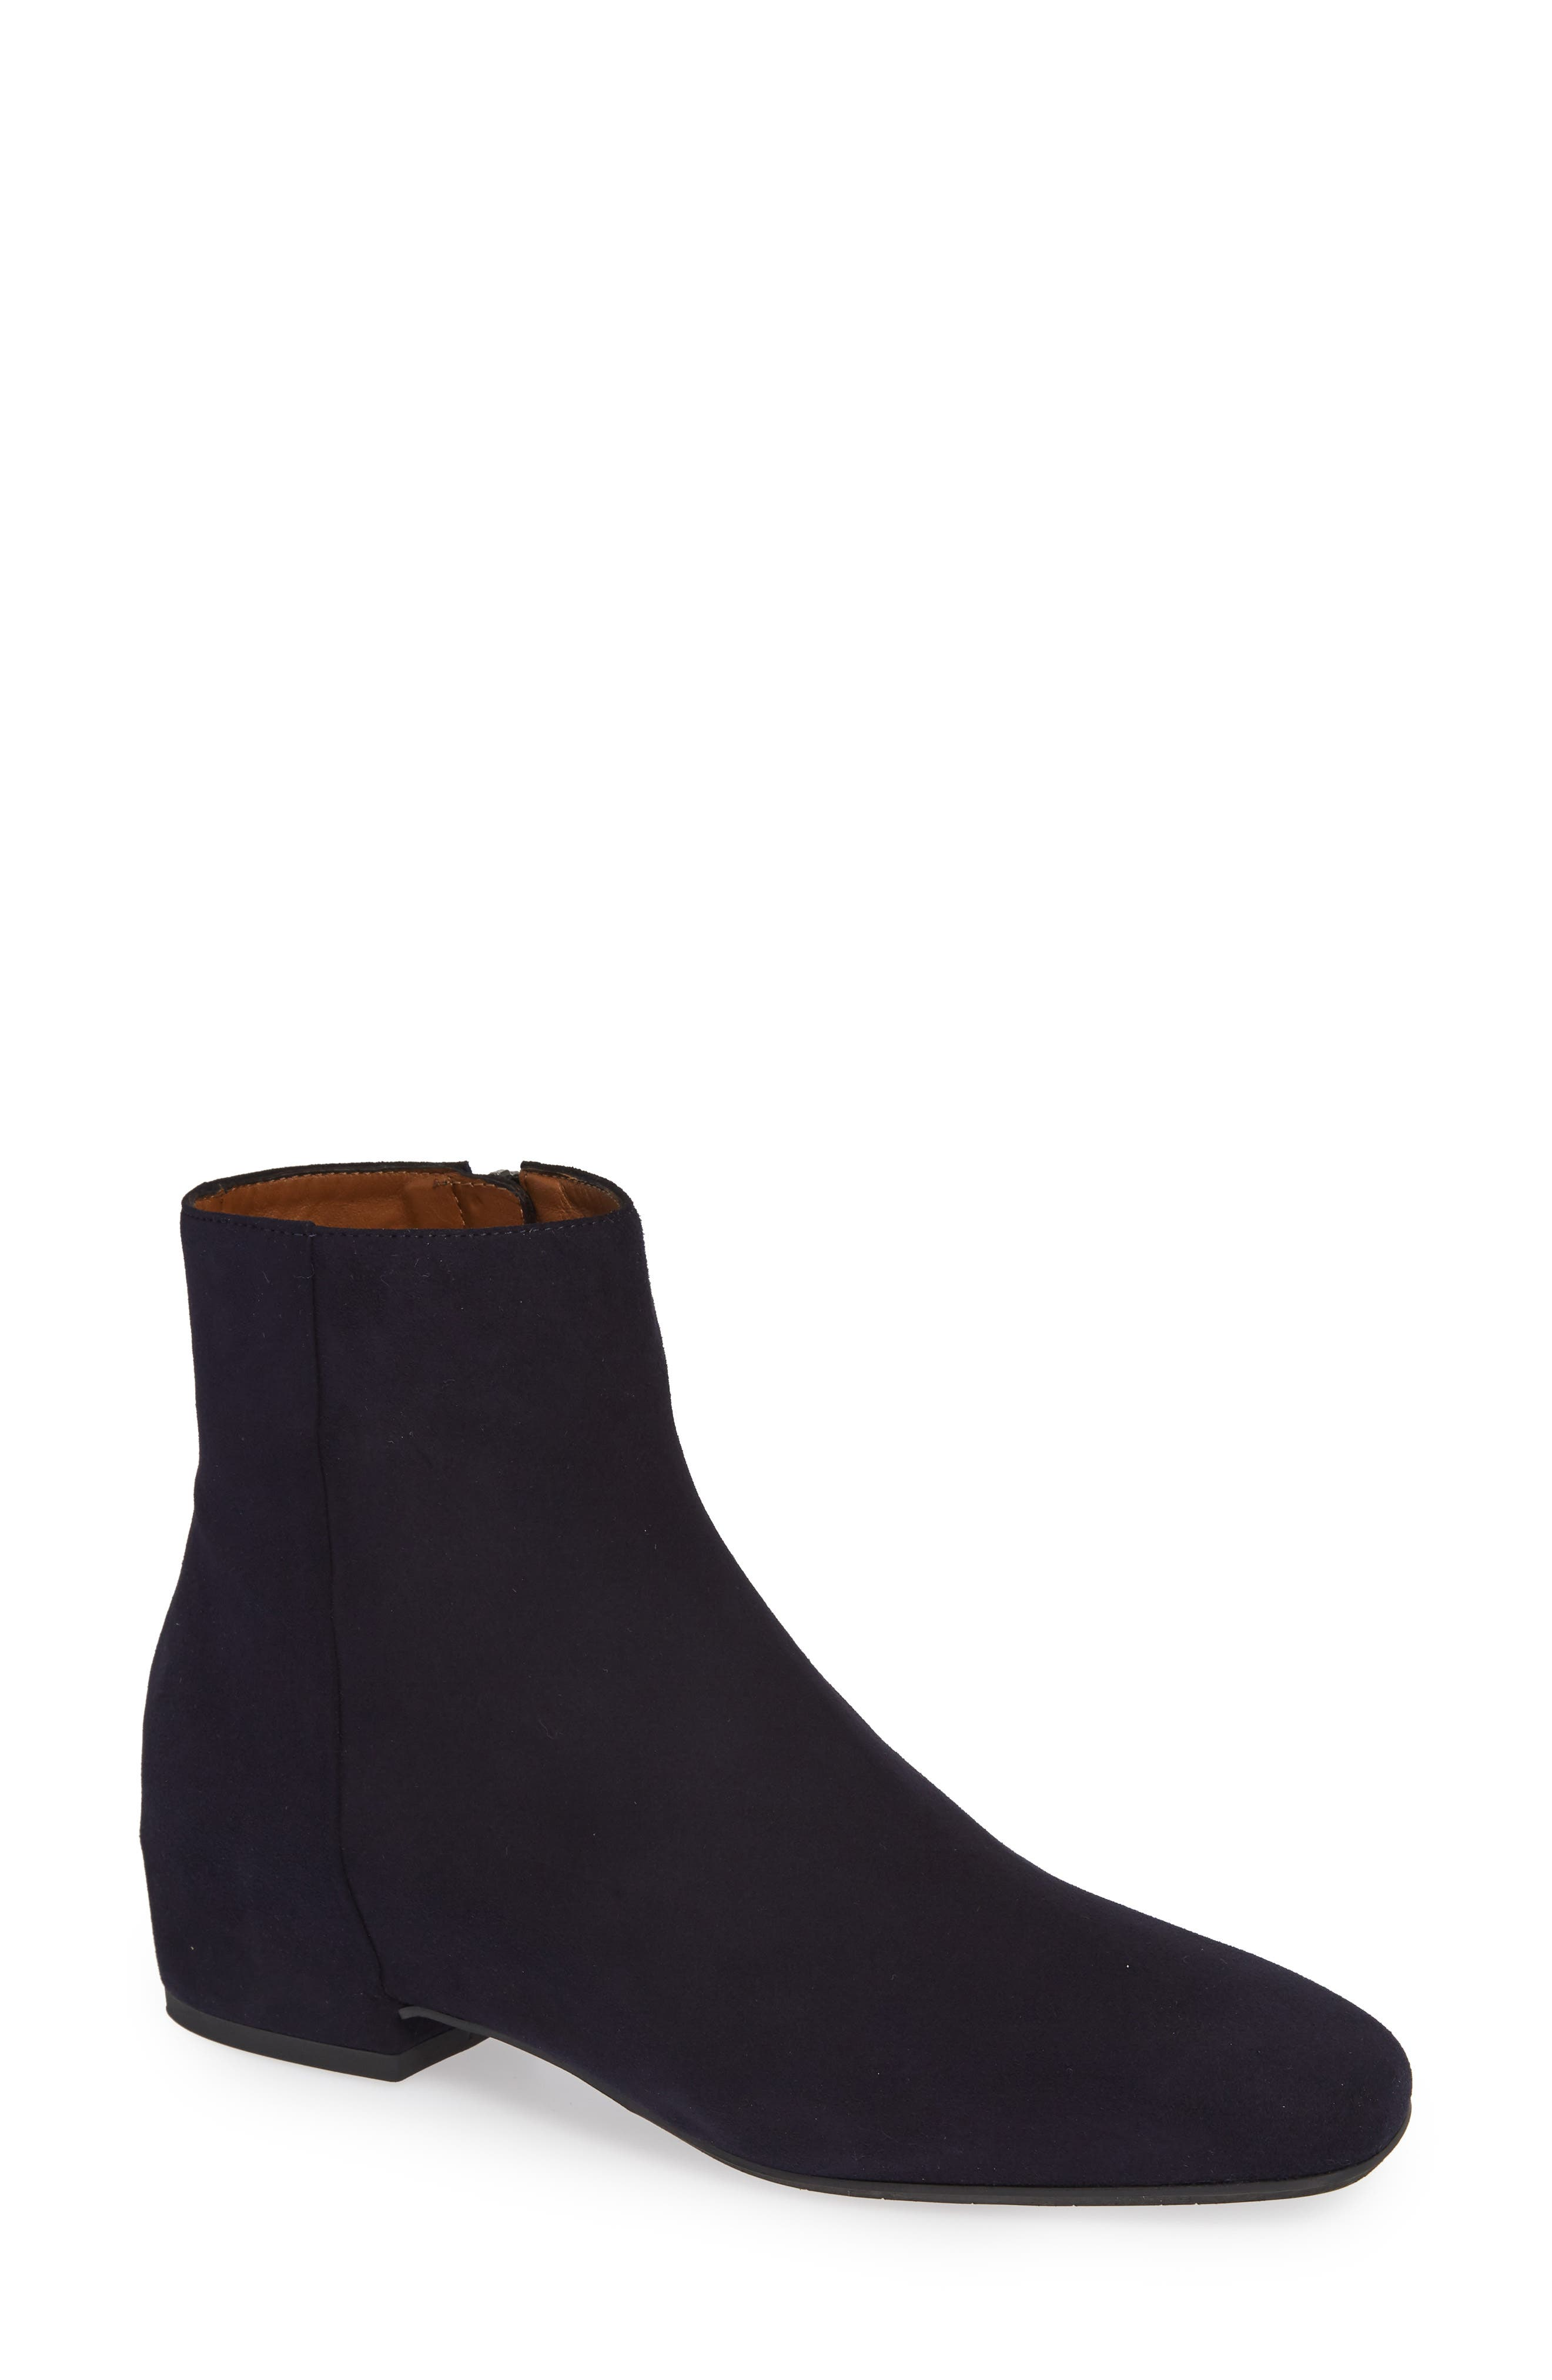 f3ddf181305a Aquatalia Boots   Shoes